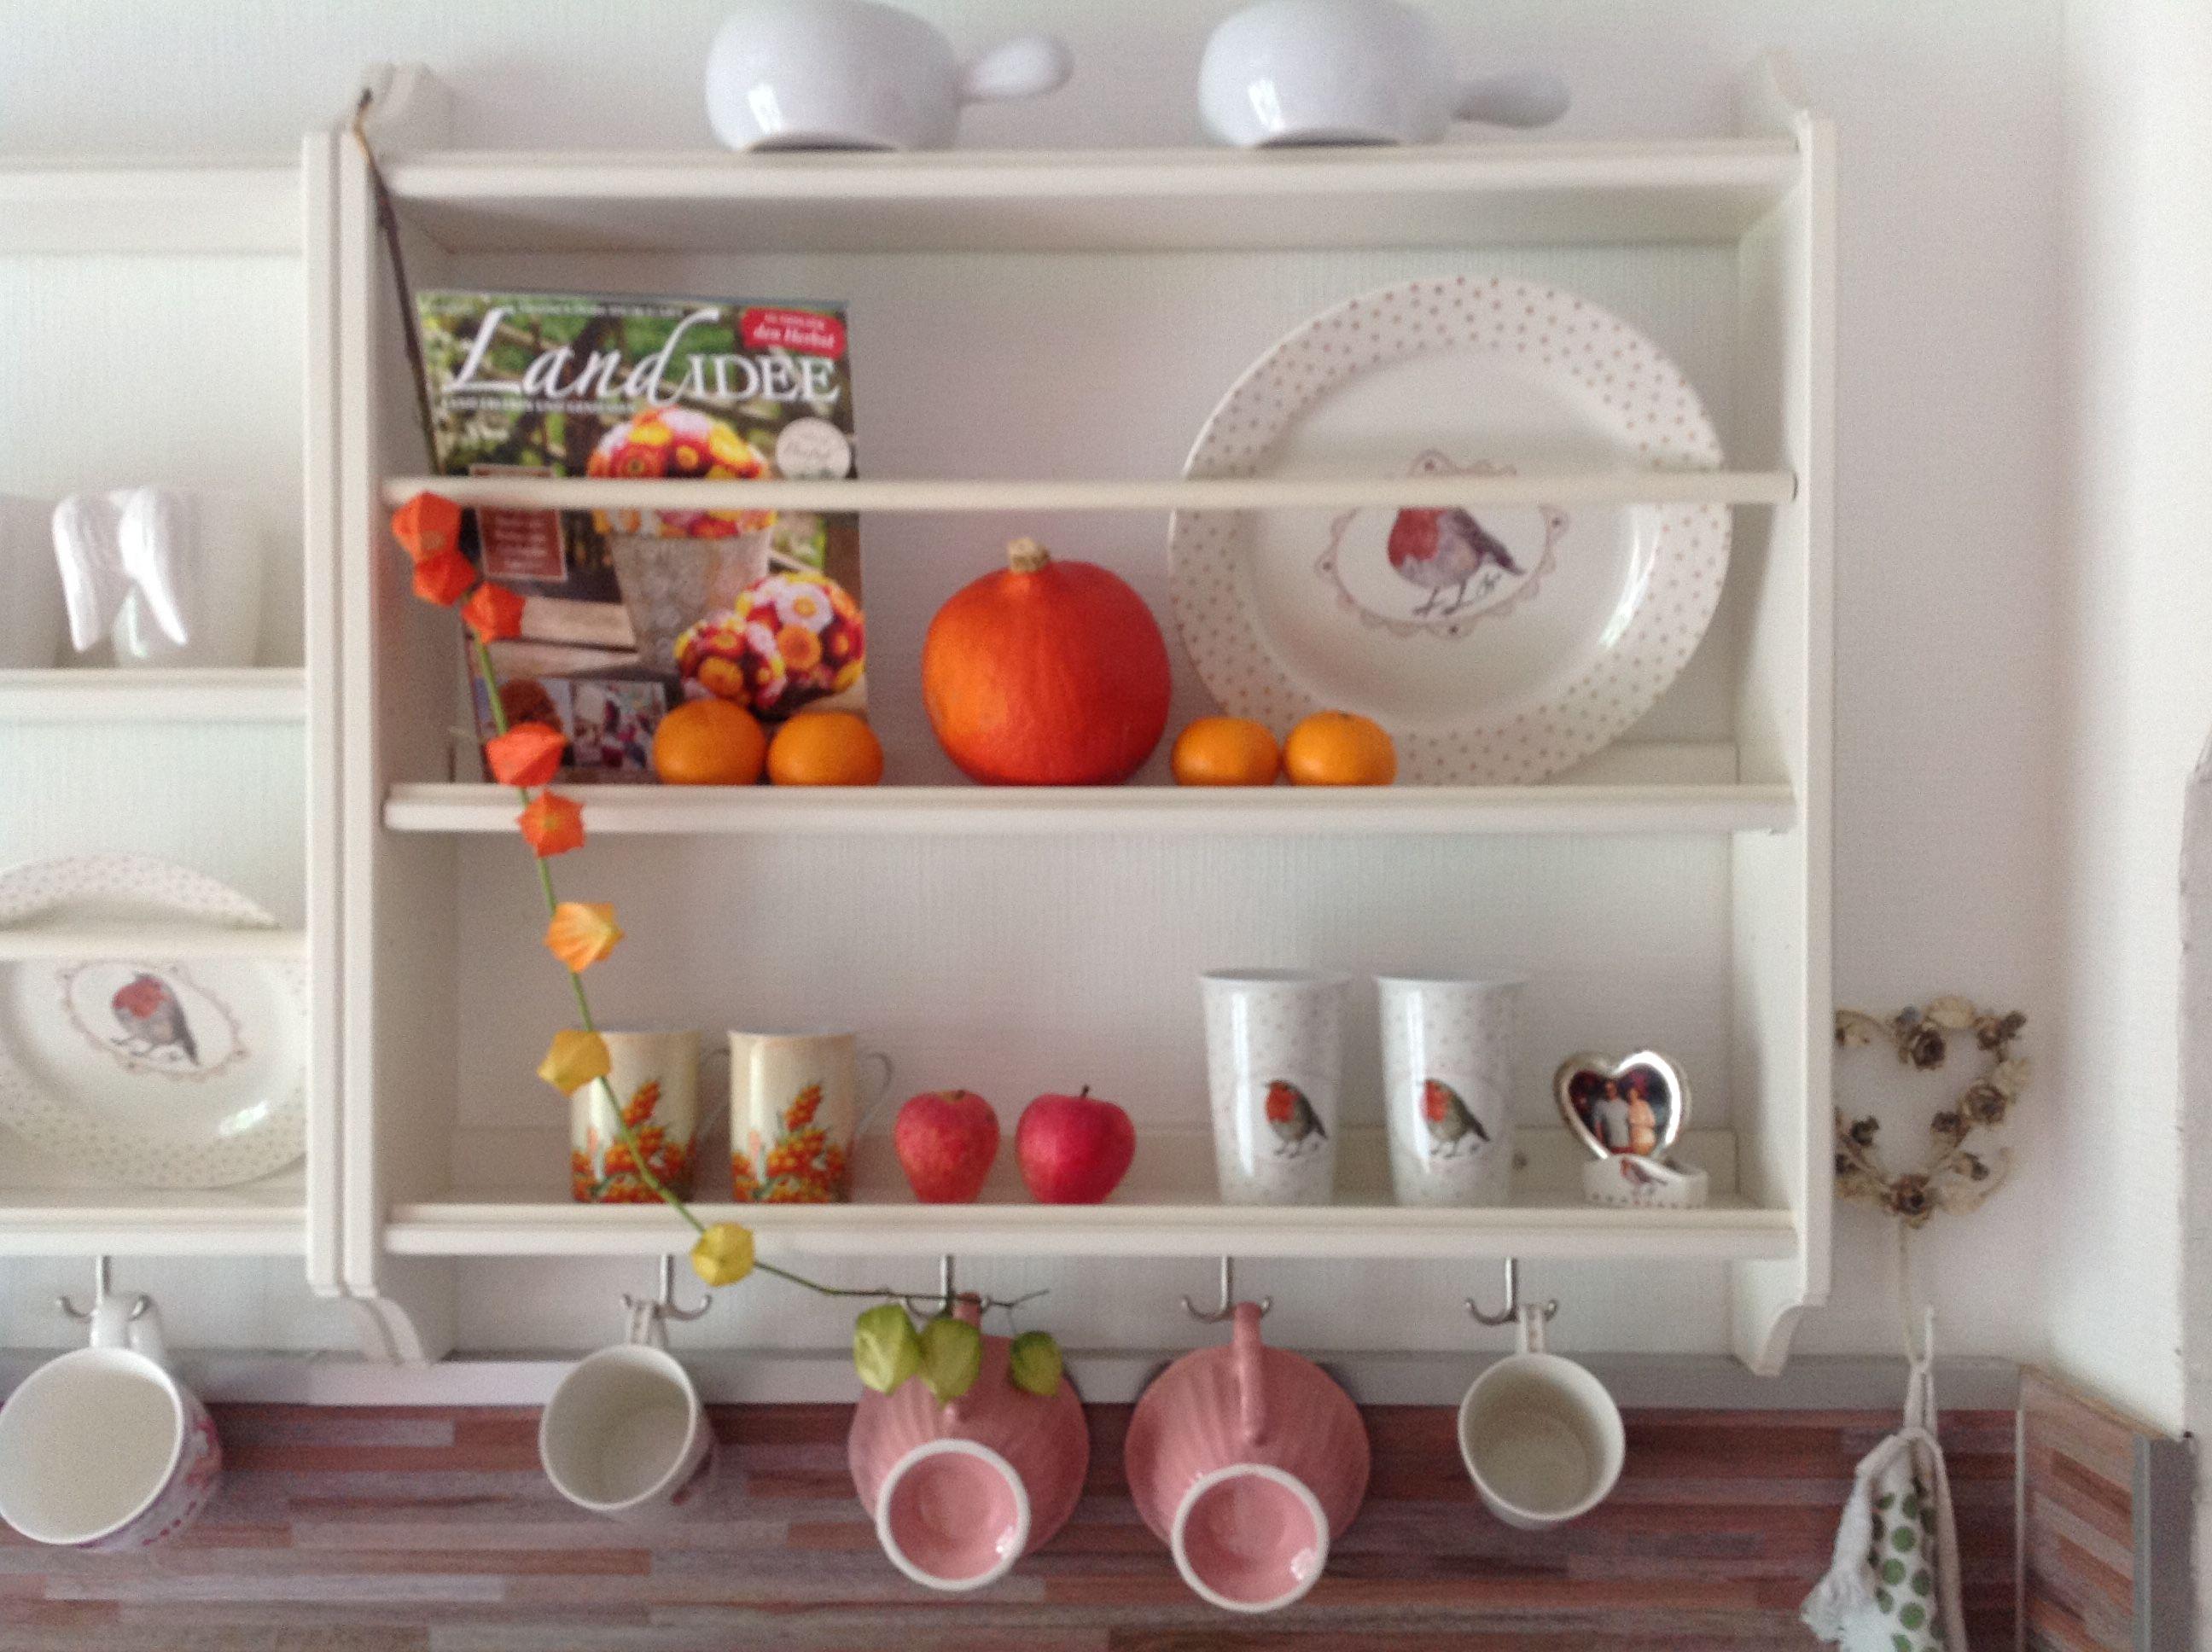 Ikea Stenstorp Der Schöne Herbst Ist Da Küche Tellerregal Ikea